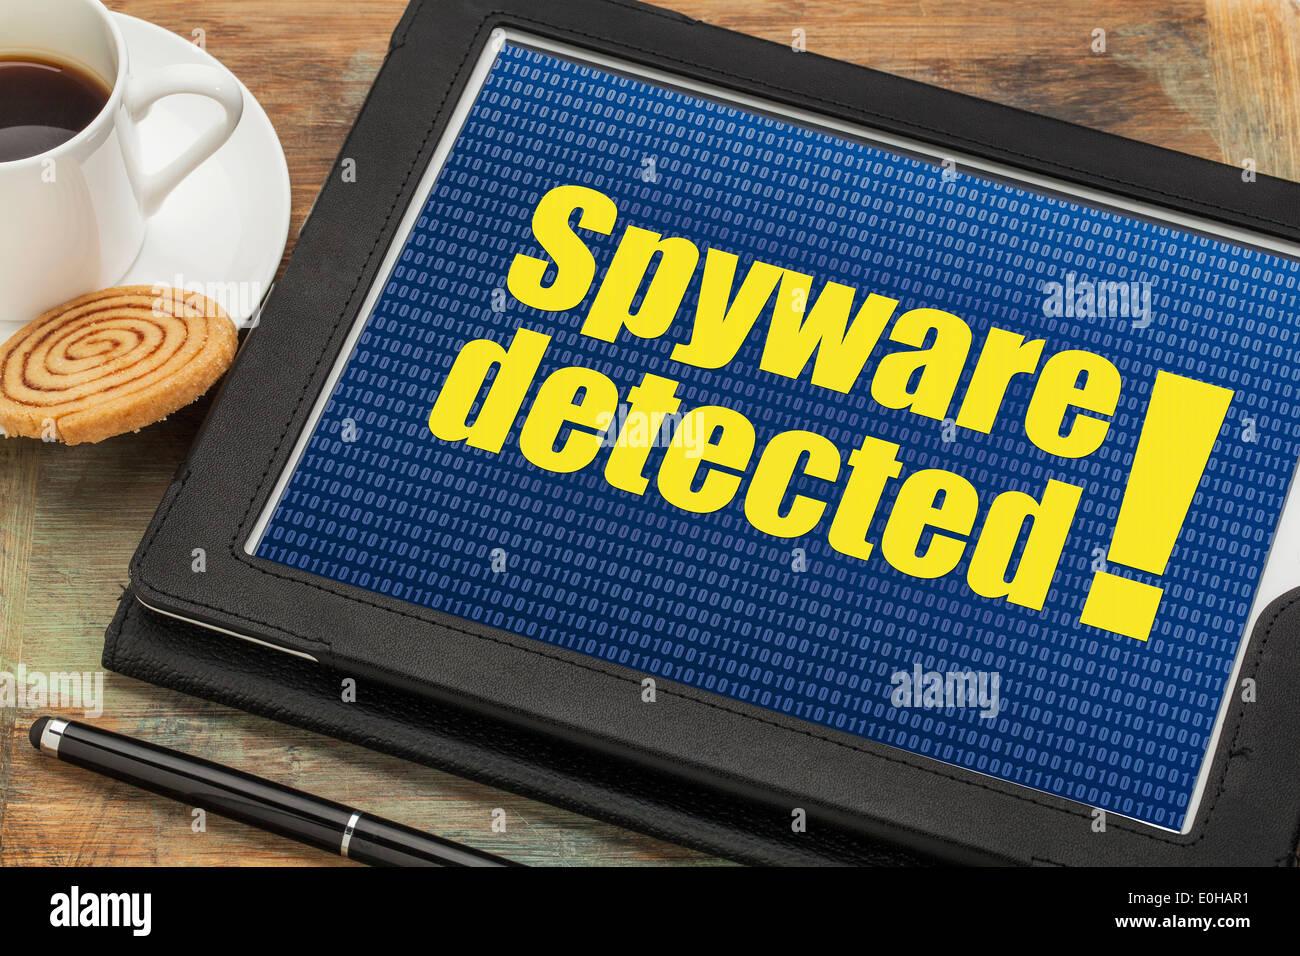 Spyware detectado alerta sobre una tableta digital con una taza de café Imagen De Stock